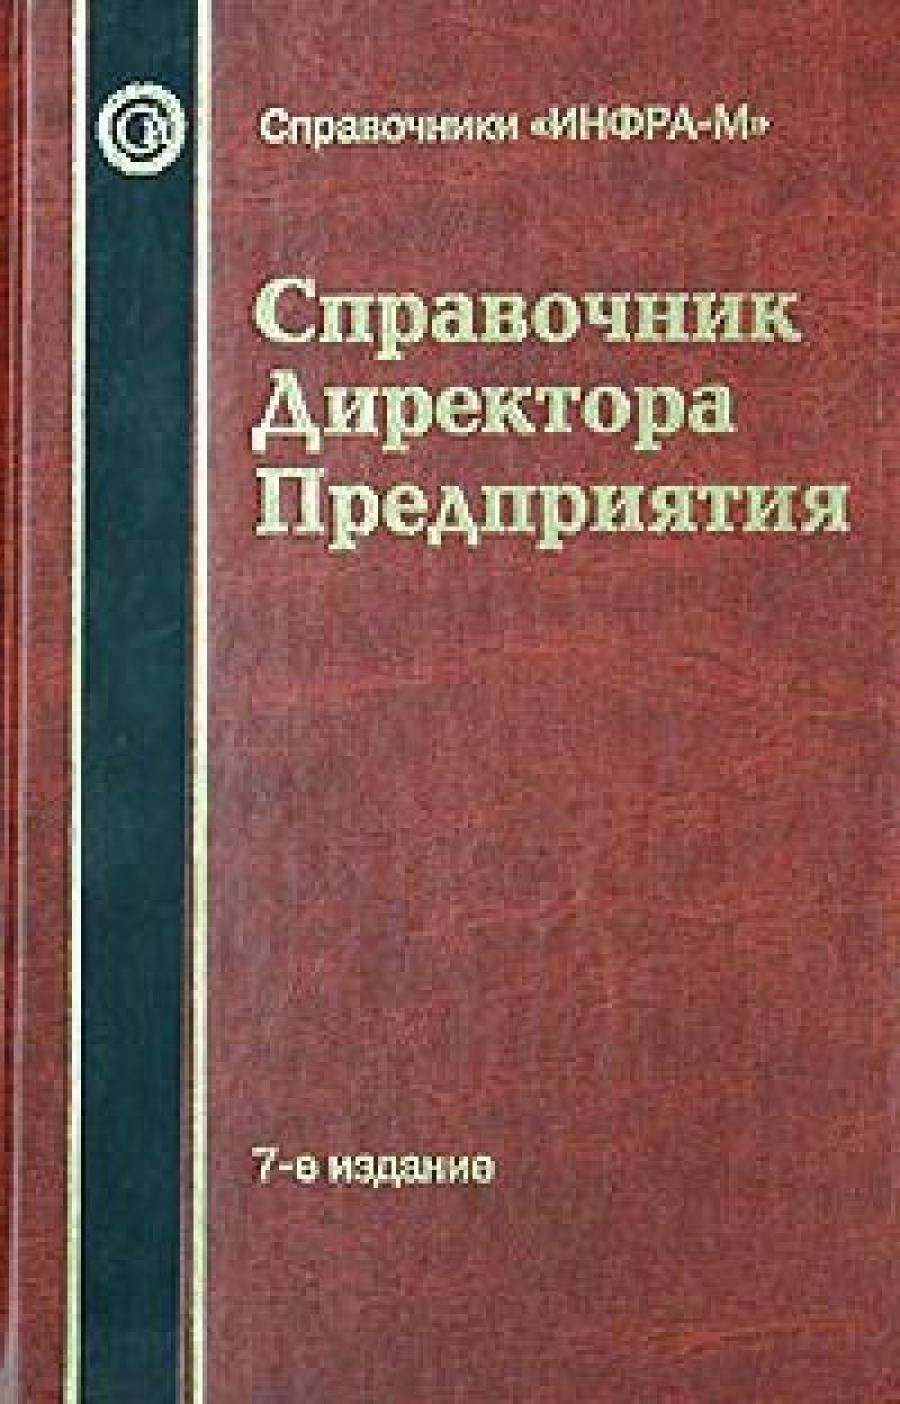 Обложка книги:  справочник директора предприятия